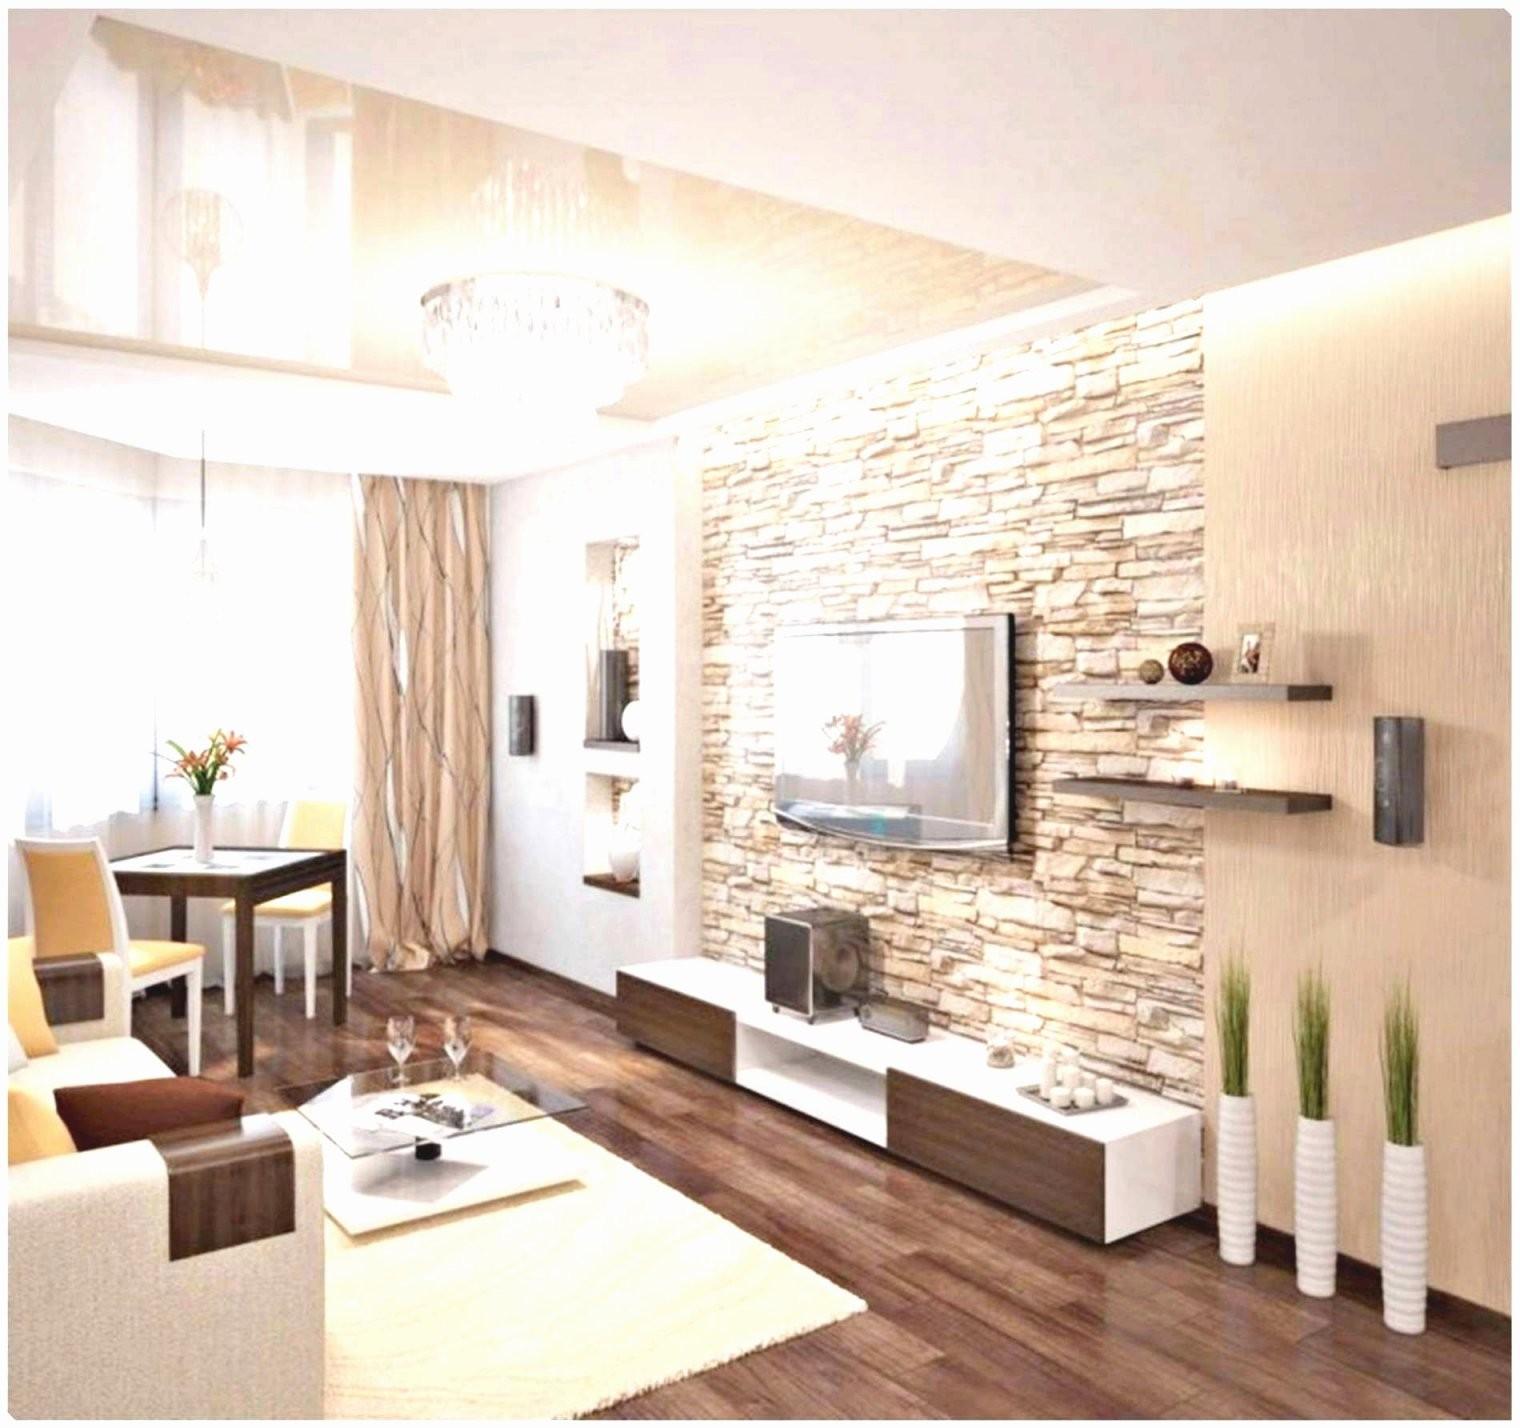 Dekoideen Wohnzimmer Selber Machen Design Der Diesjährige Trend von Deko Für Wohnzimmer Selber Machen Photo